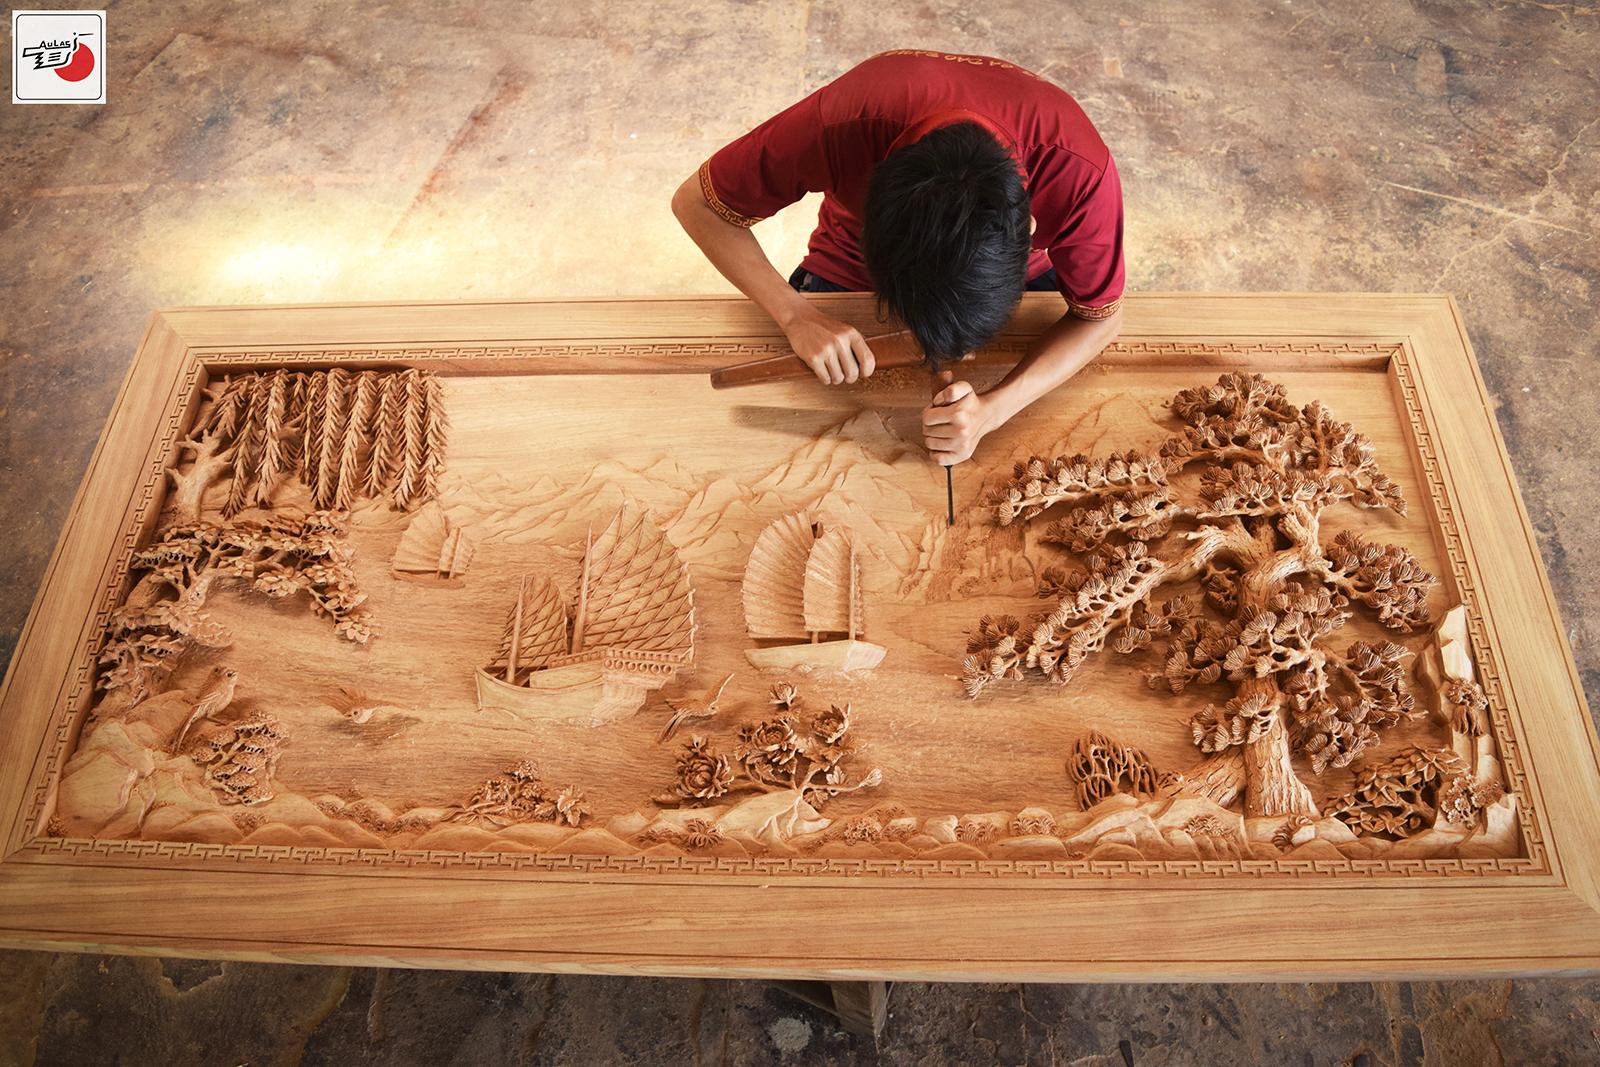 Tranh thuận buồm xuôi gió bằng gỗ